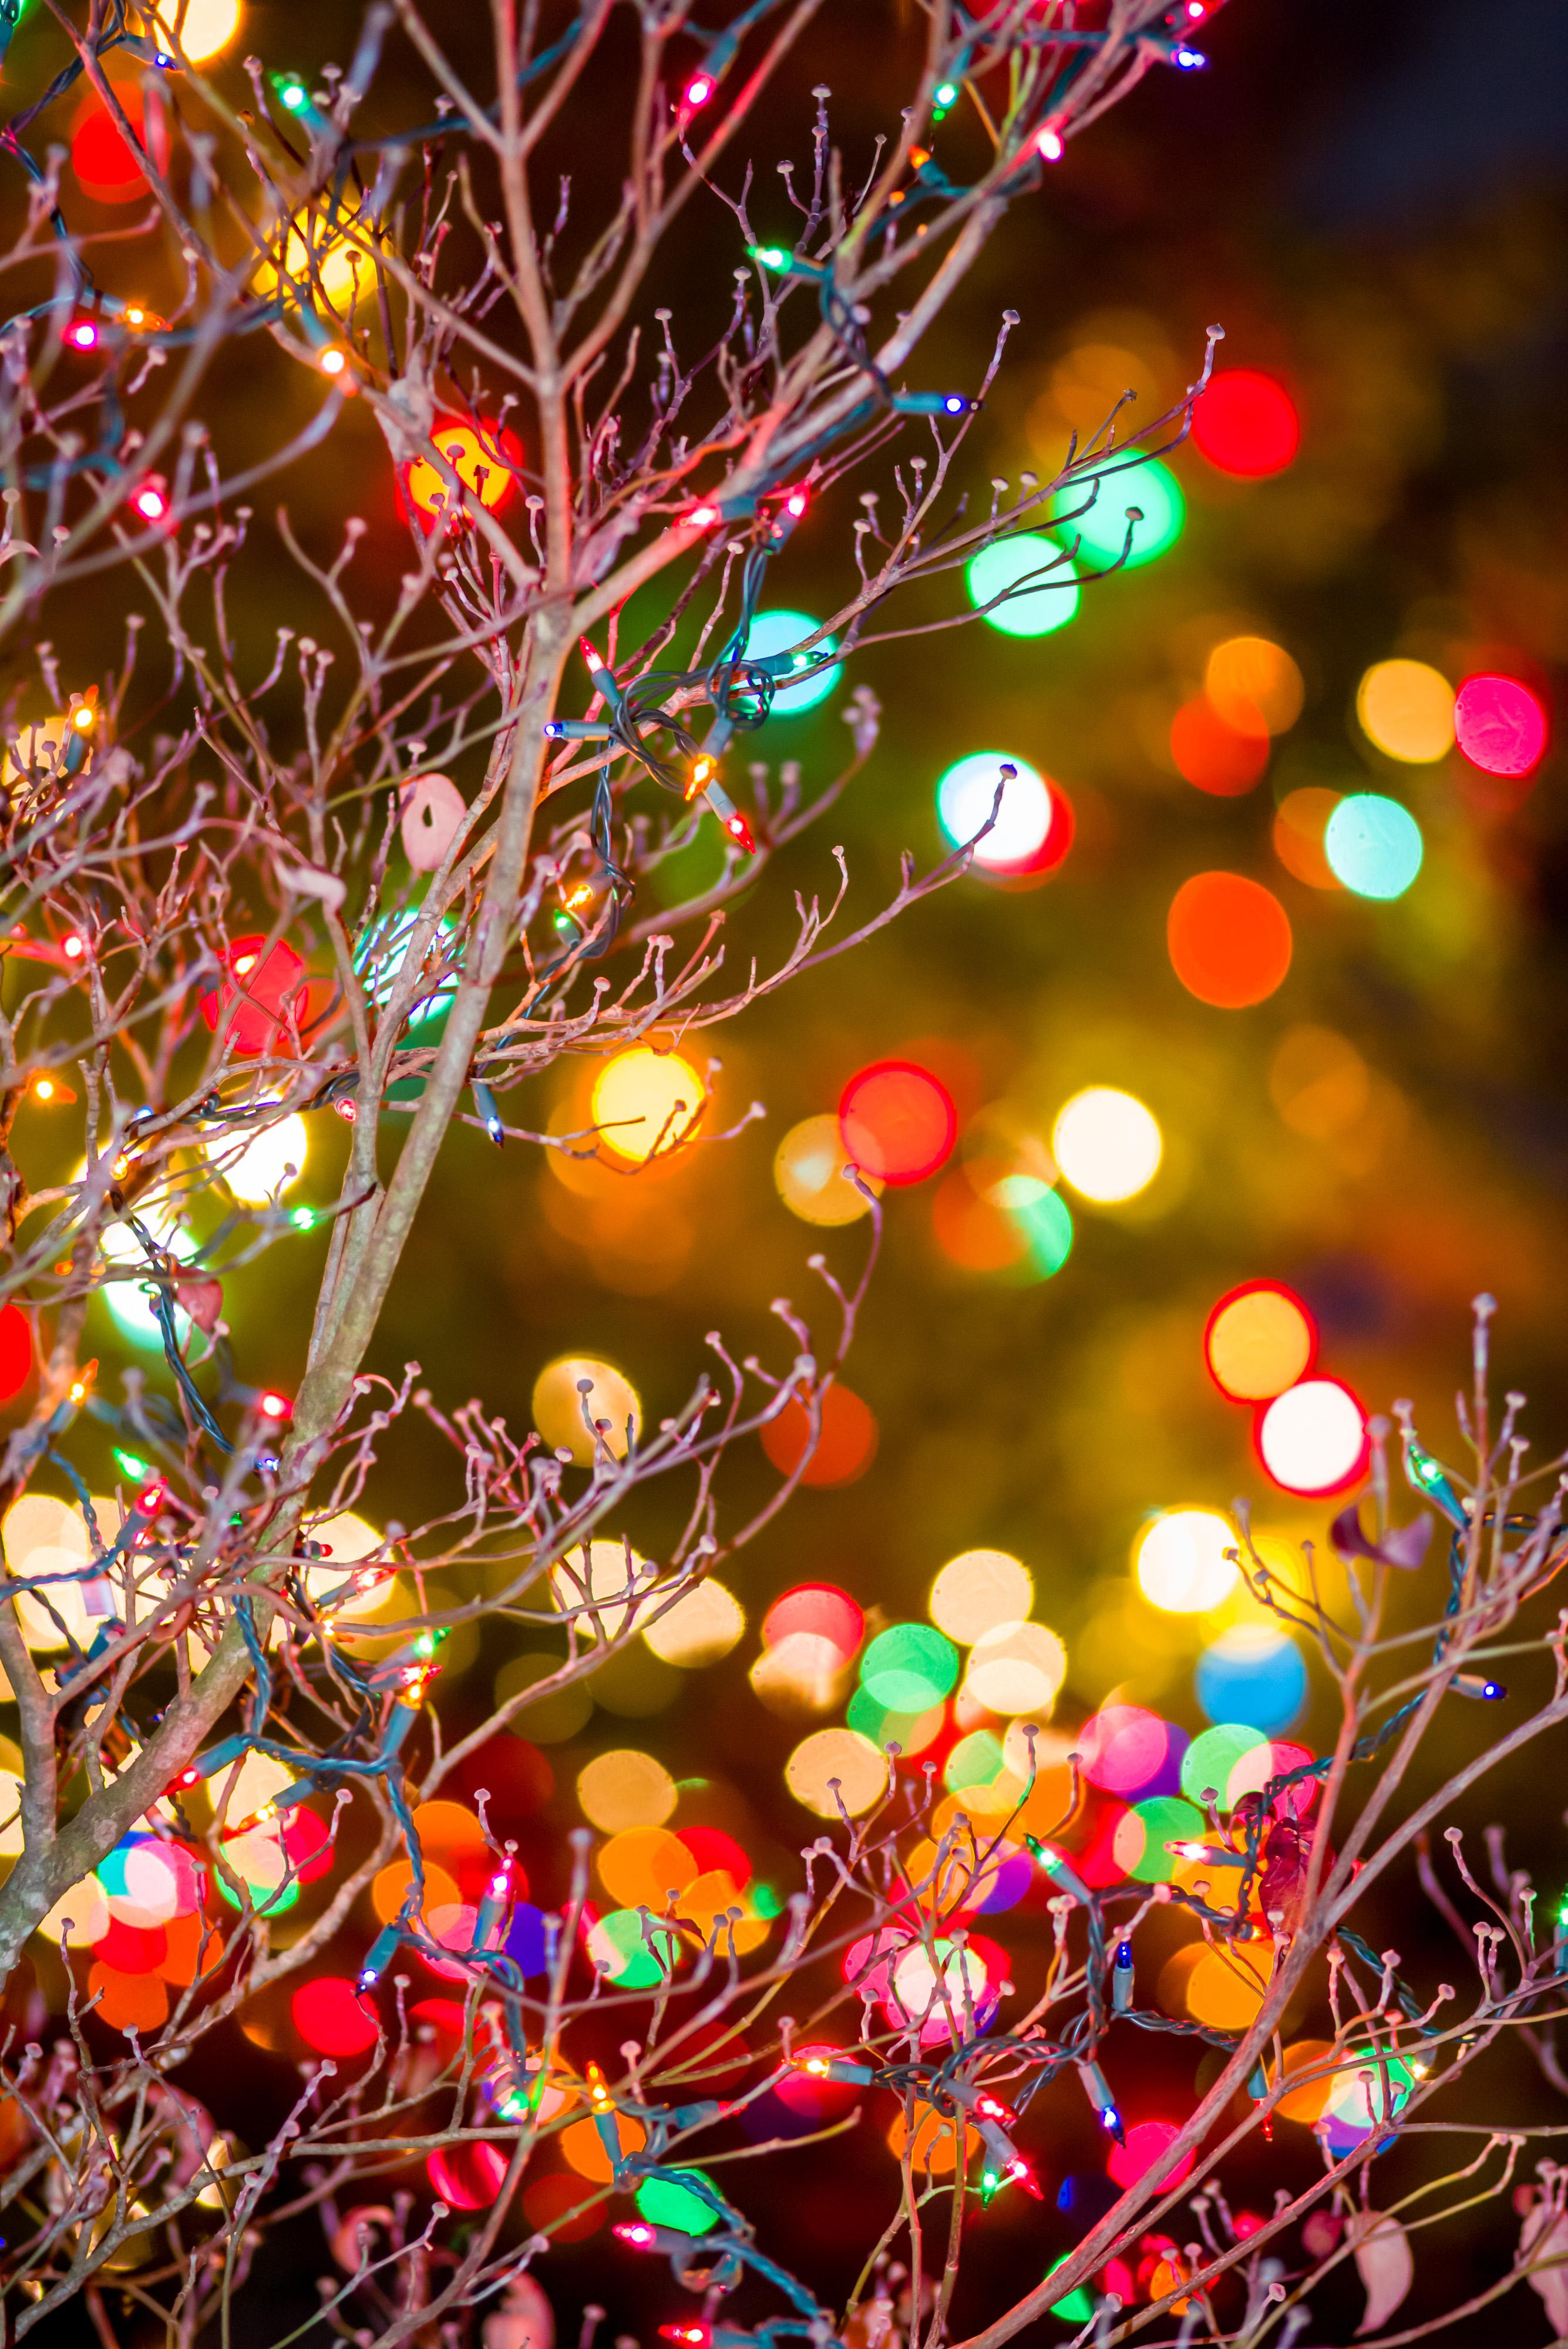 How to photograph Christmas lights! |